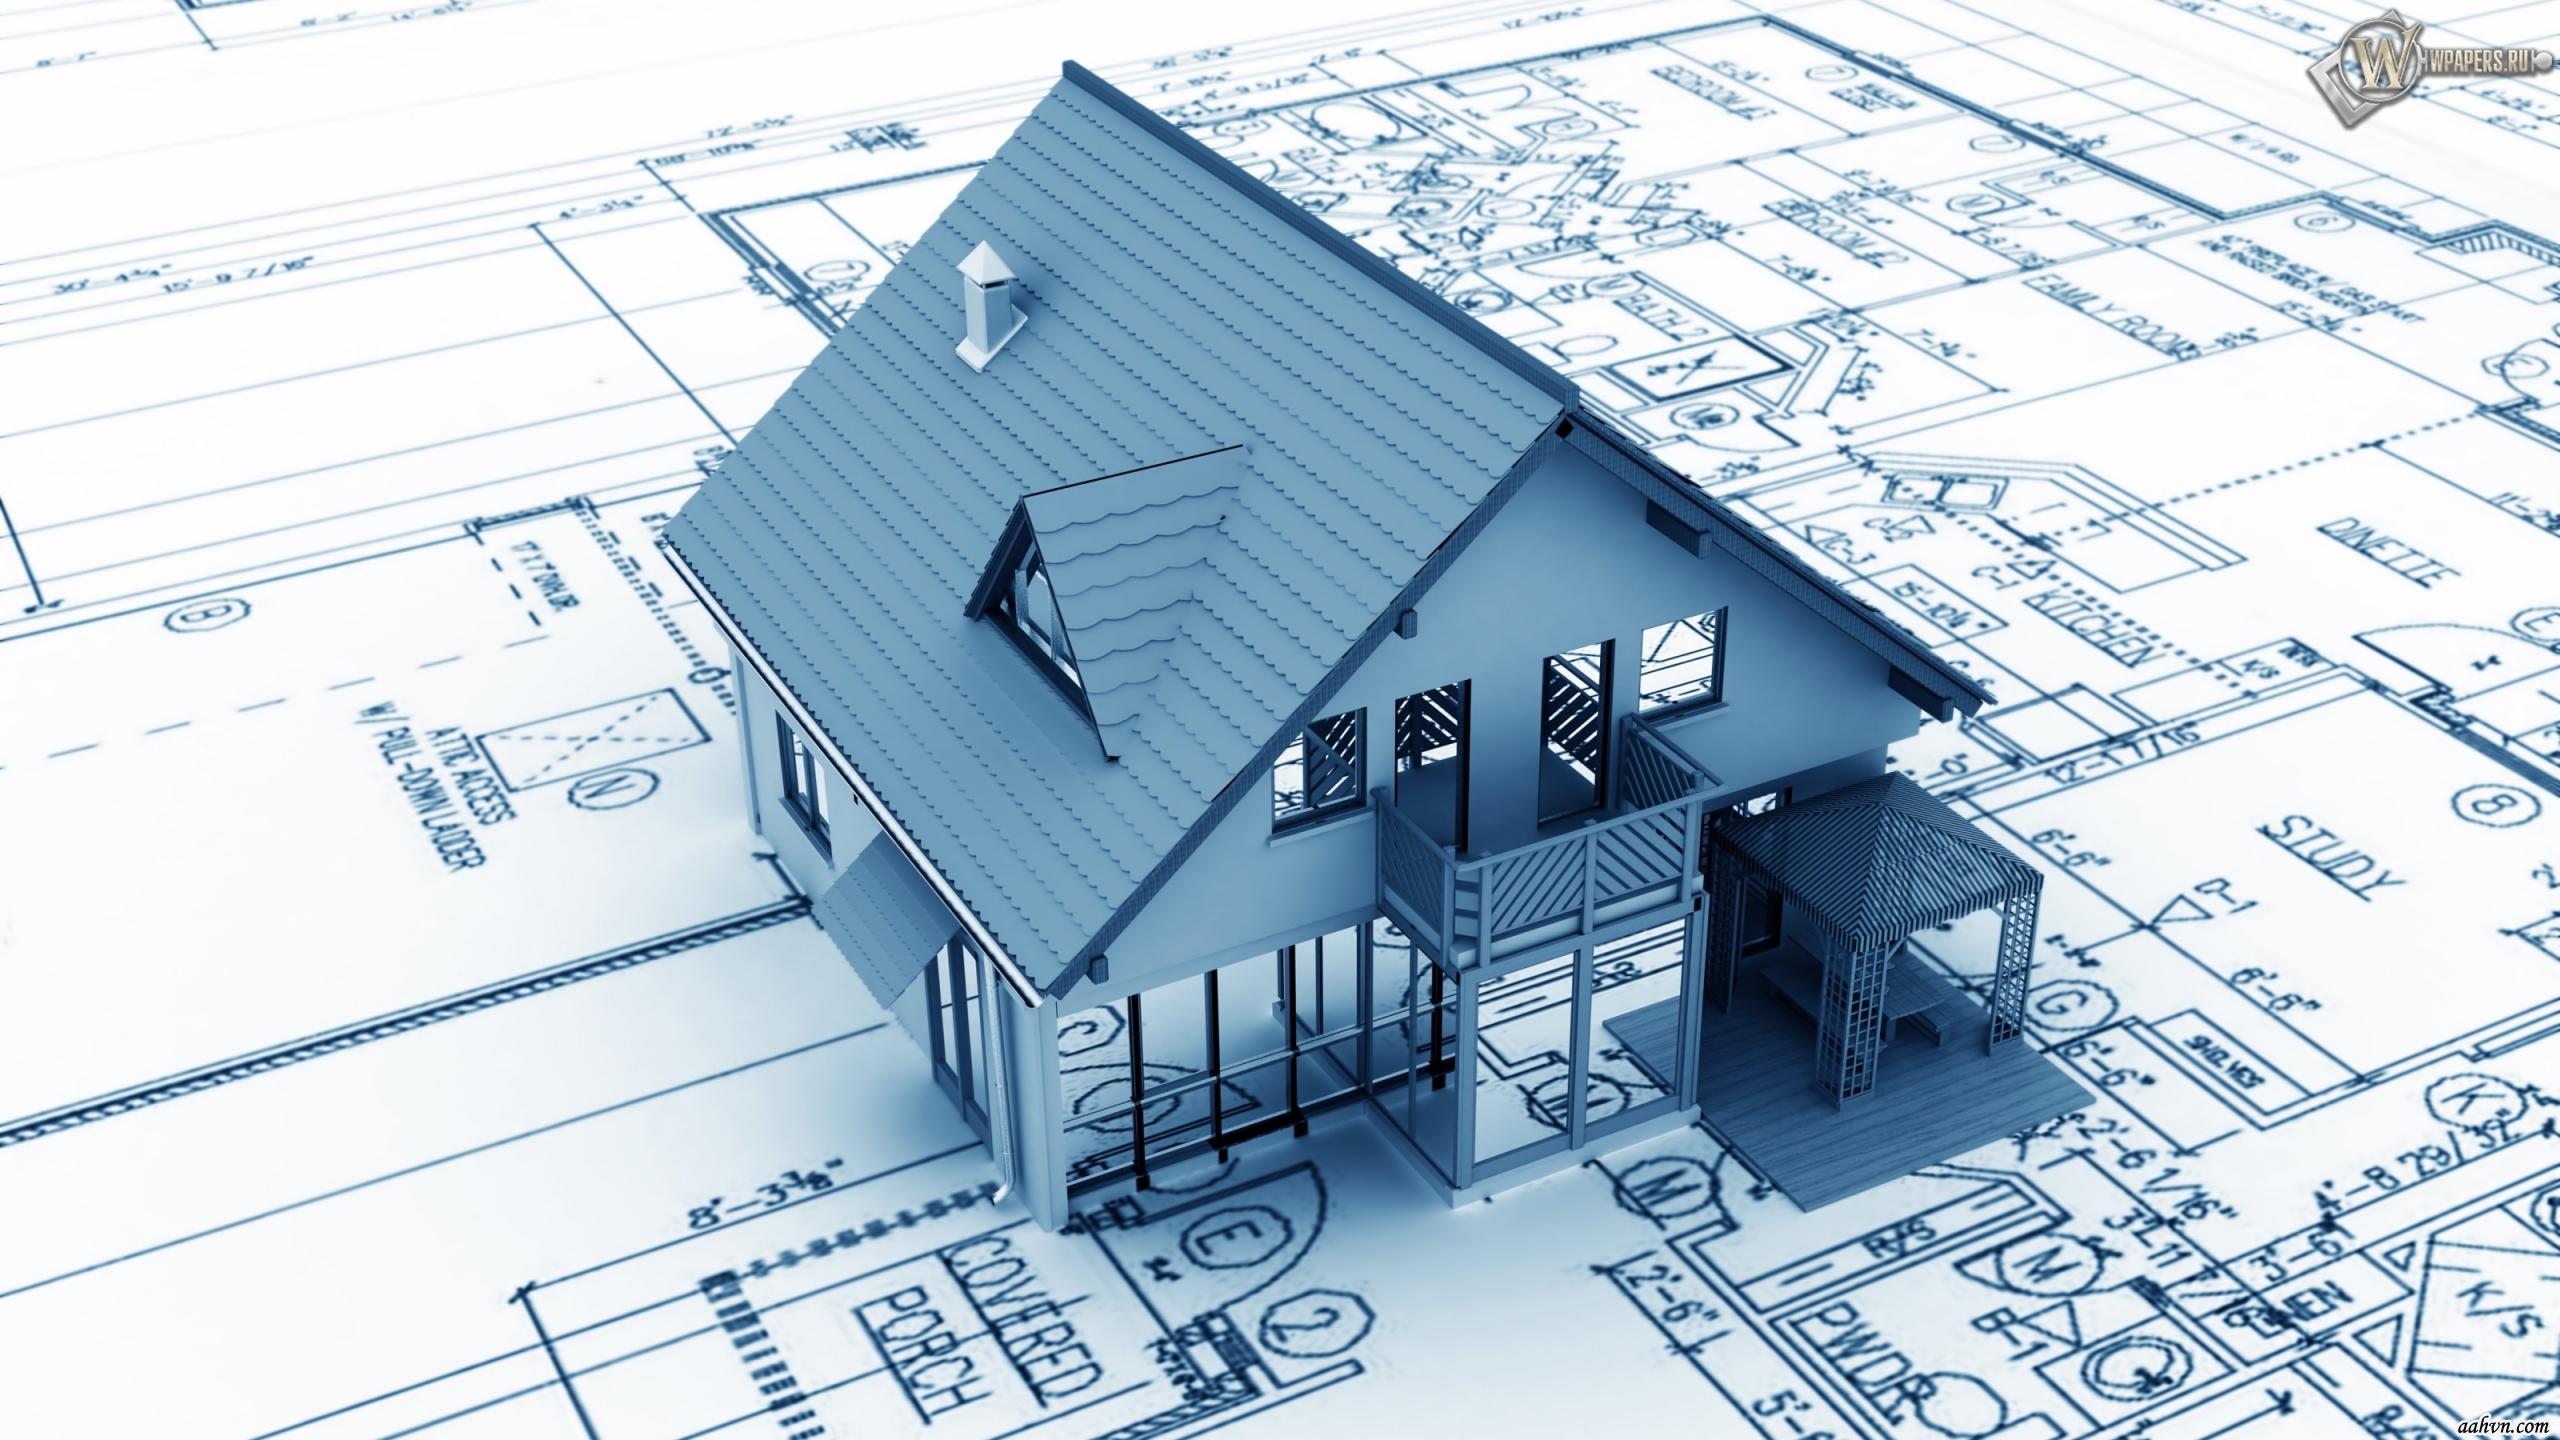 Luxury Civil Engineering Hd Wallpapers Download